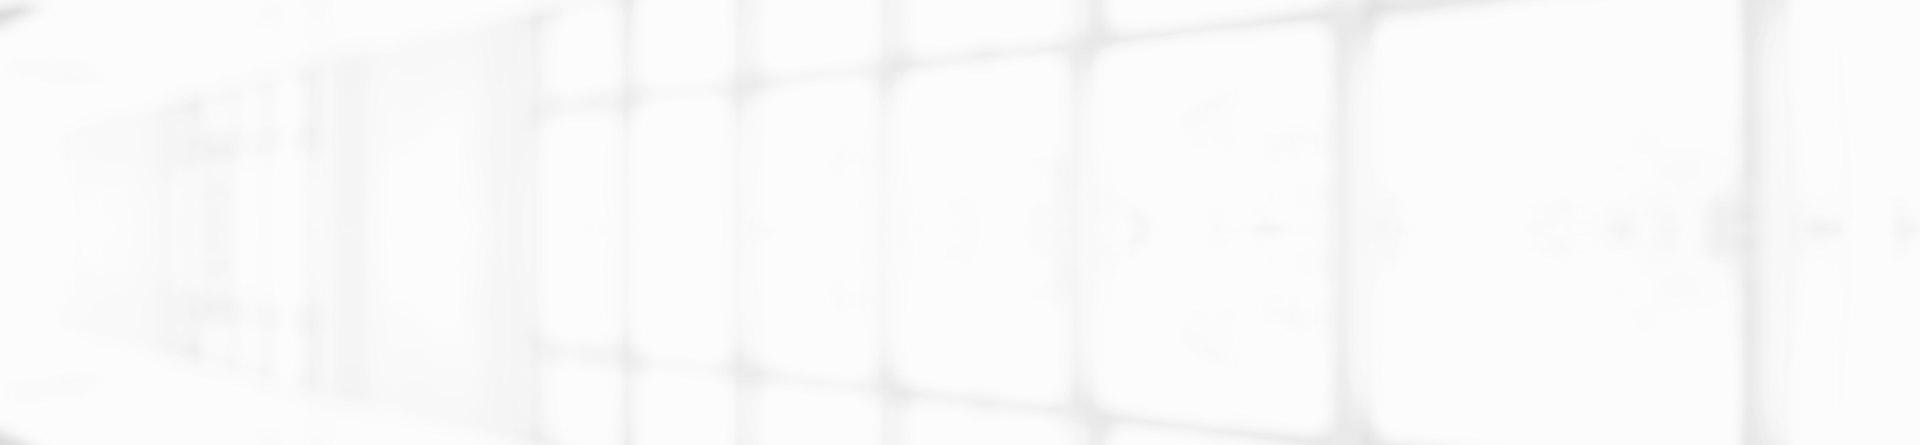 online enquete maken thesistools Keywords: enquête, enquête maken, vragenlijst student&onderzoek, maak & verspreid gratis de online enquete voor je scriptie thesistools online enquêtes.